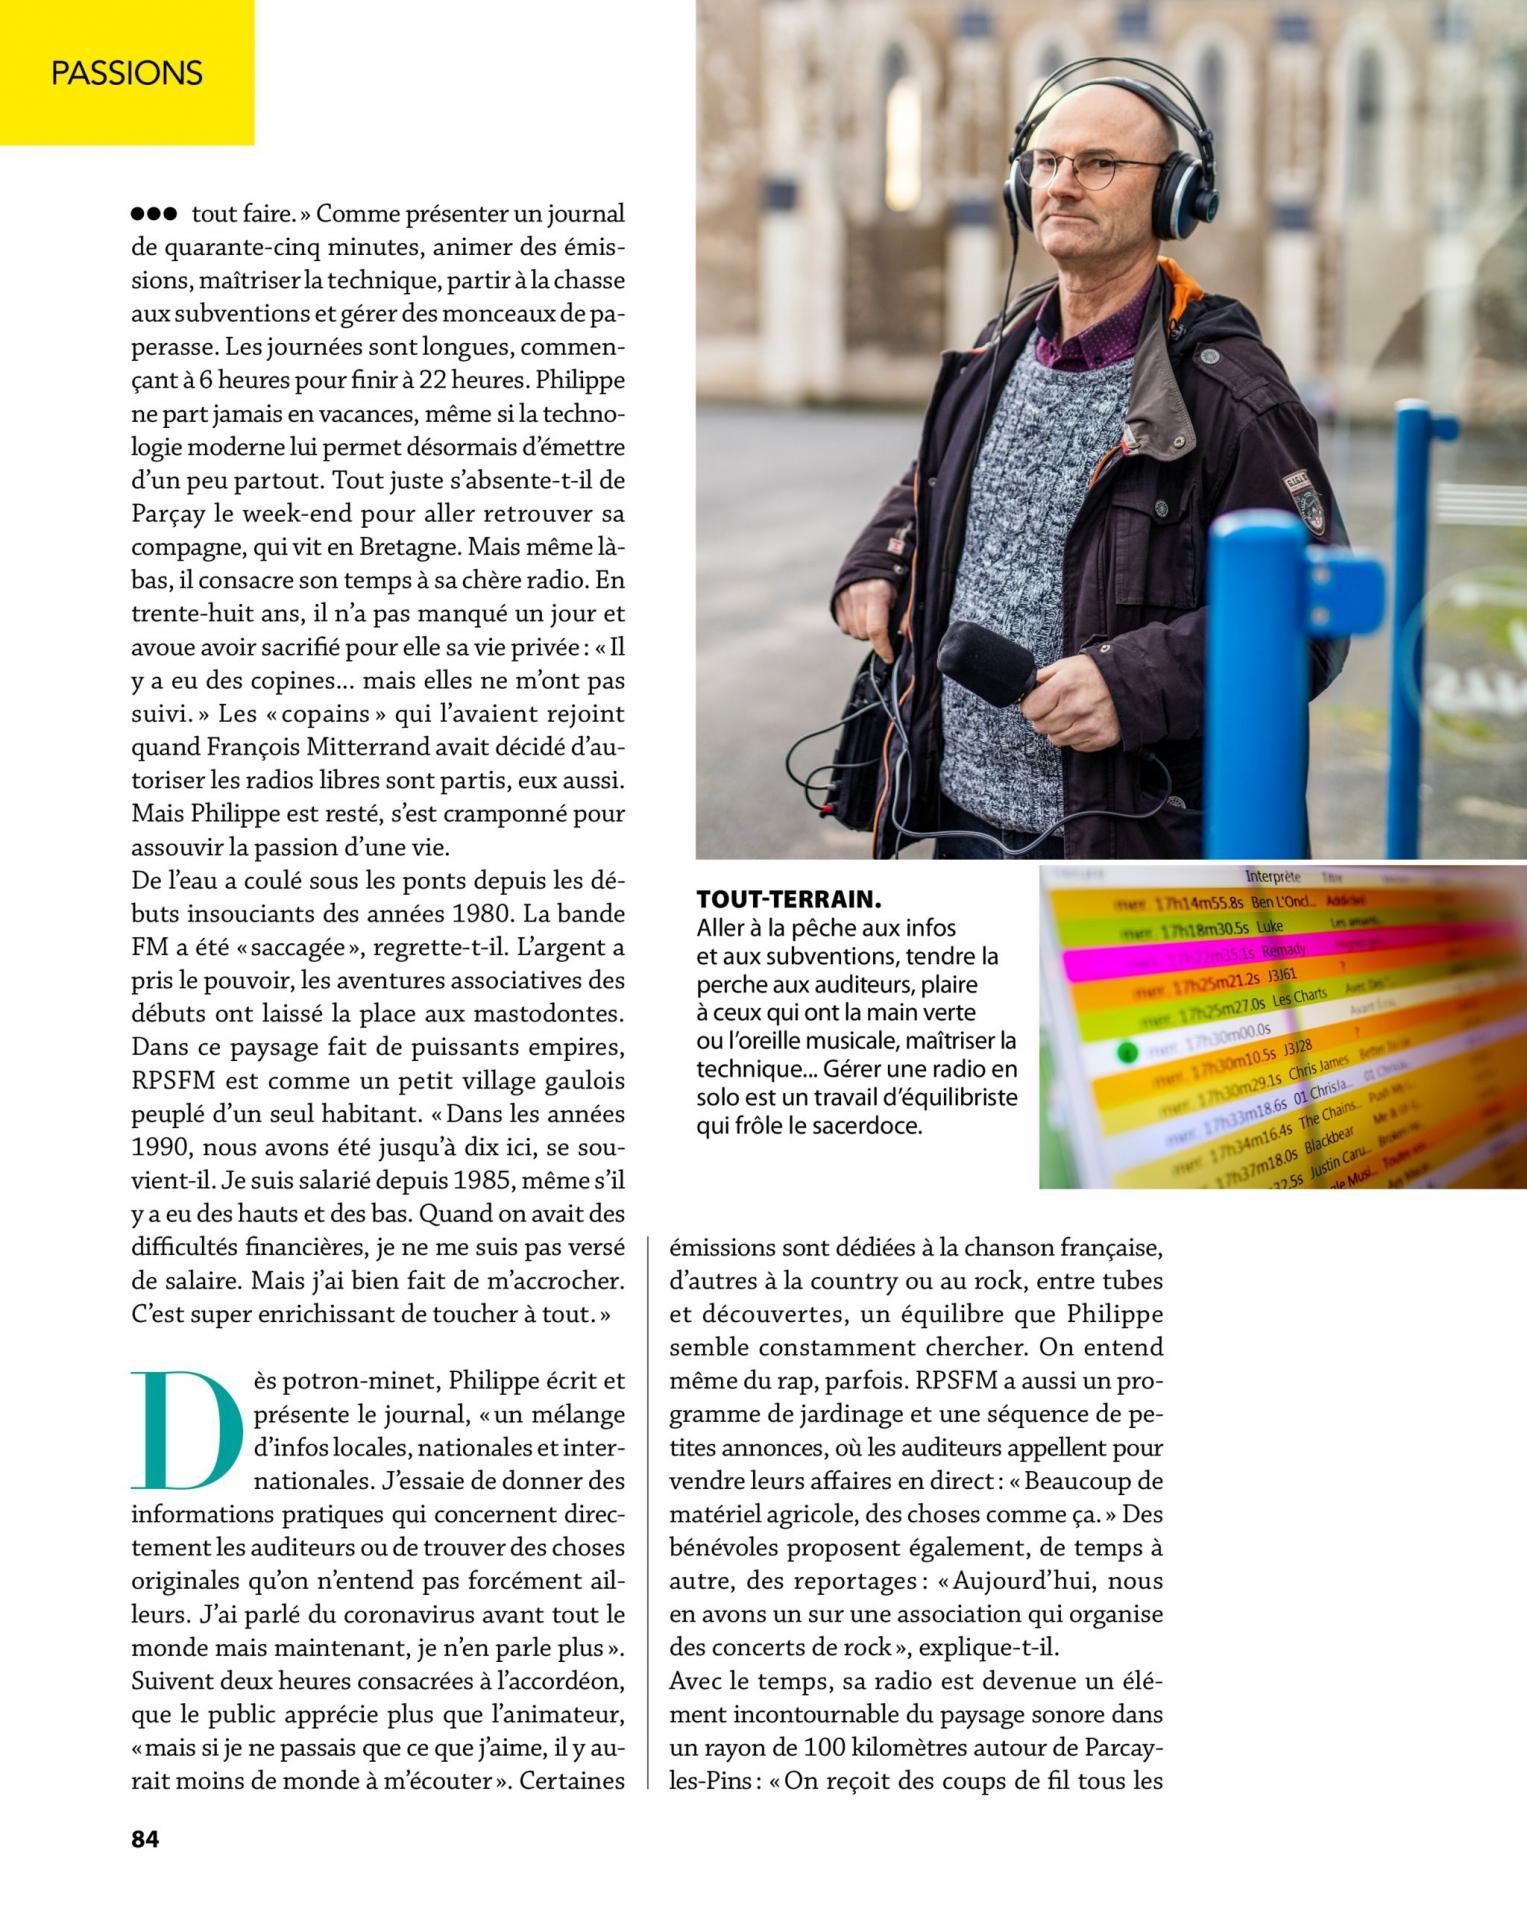 Femme Actuelle Senior - mars 2020 - Page 3/4